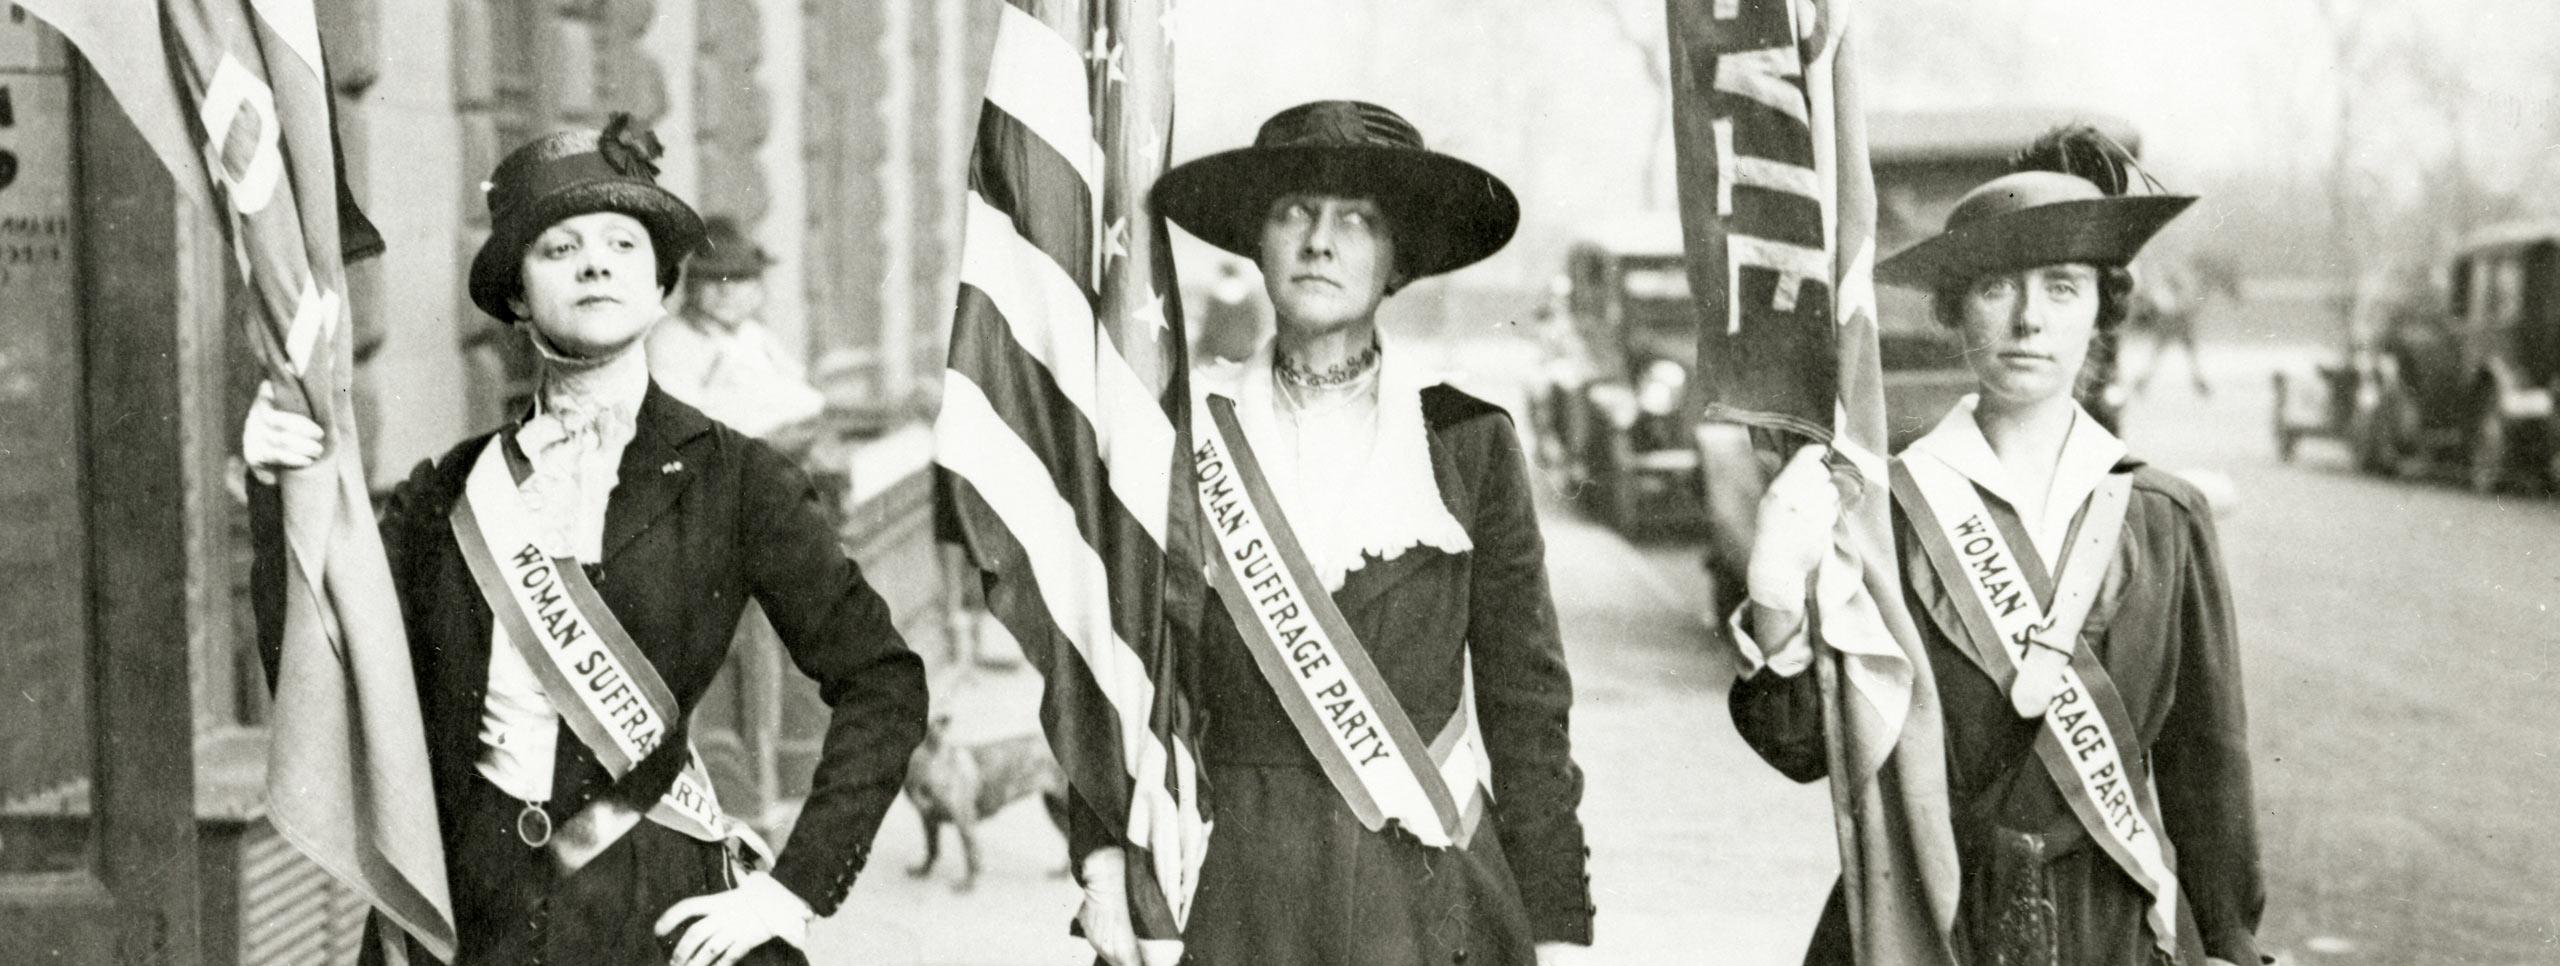 Woman Suffrage -- Activist New York